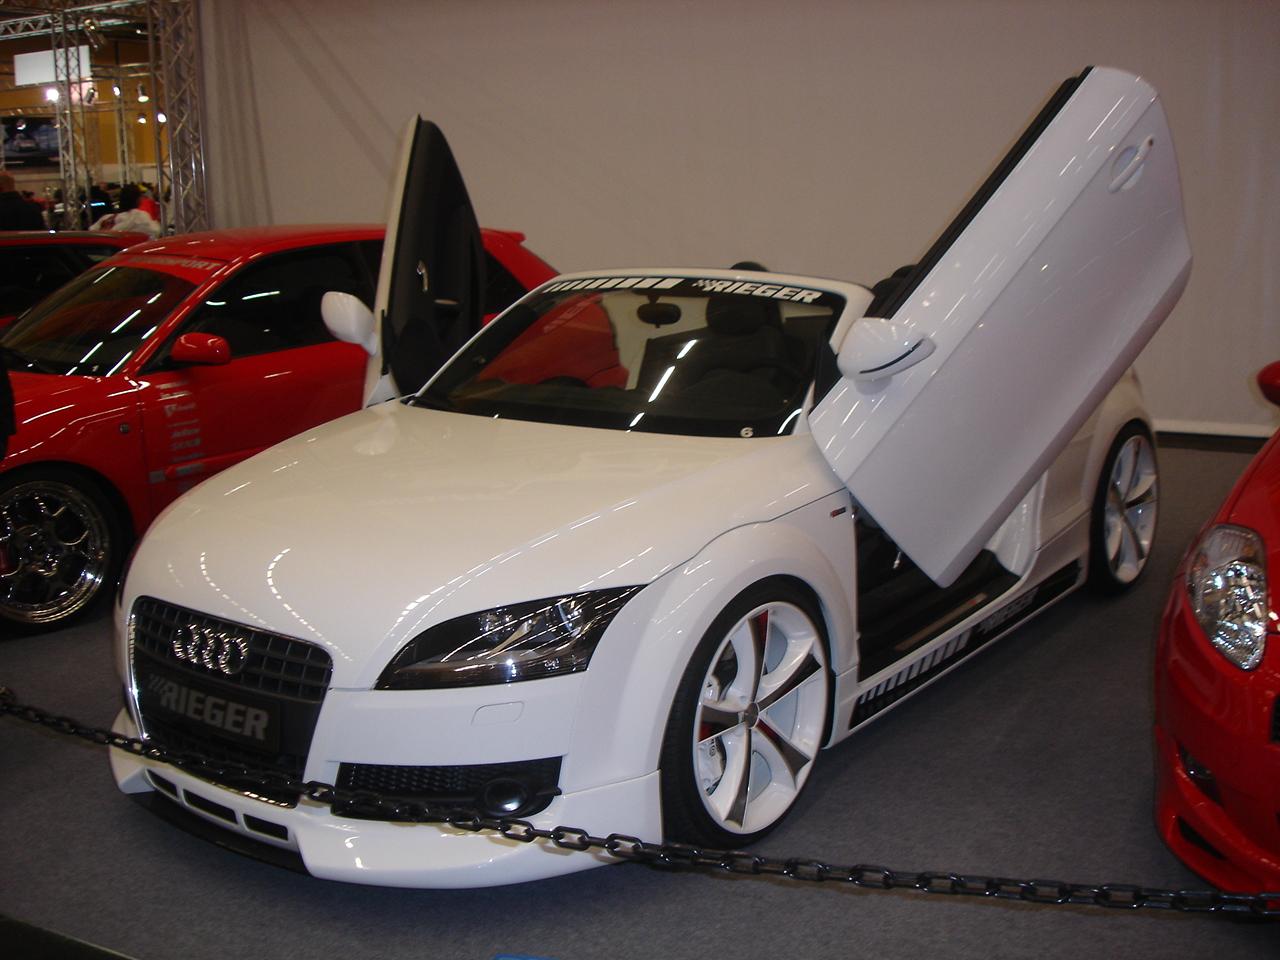 http://4.bp.blogspot.com/_sRGU_JXOz6E/TTrtm6gRDHI/AAAAAAAABbc/kwRL7HZwrQM/s1600/0ea2c_Audi_TT_Roadster_Tuning.jpg